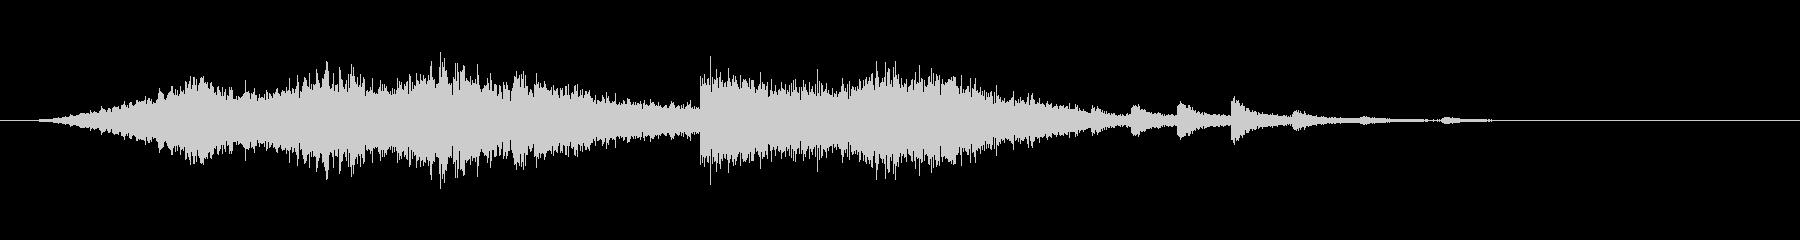 テーマ22:フルミックスの未再生の波形